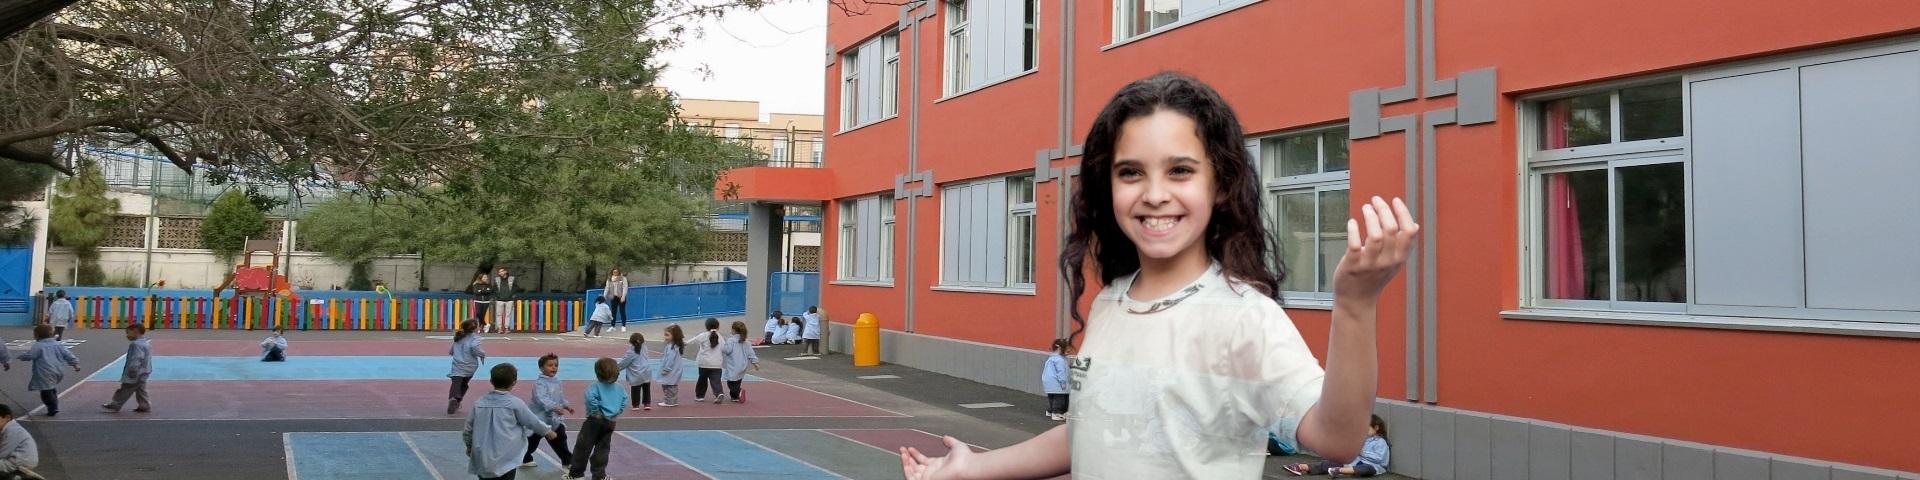 Jornada_de_puertas_abiertas_colegio_echeyde_I